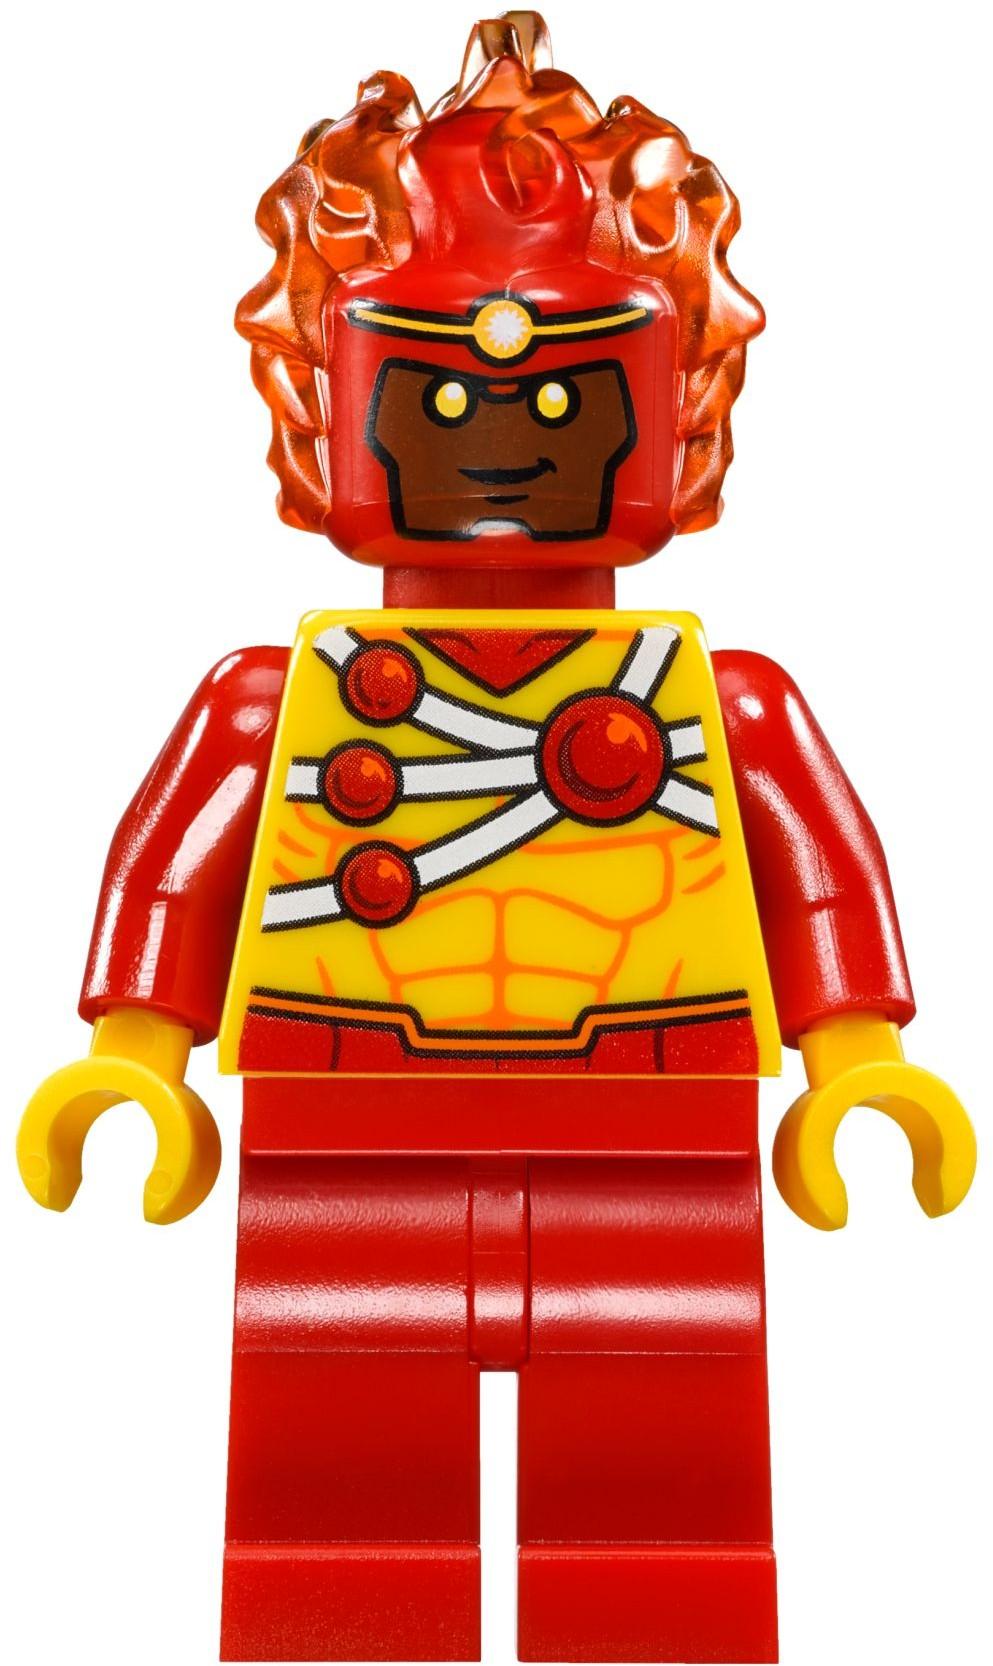 картинки персонажей лего позволяет